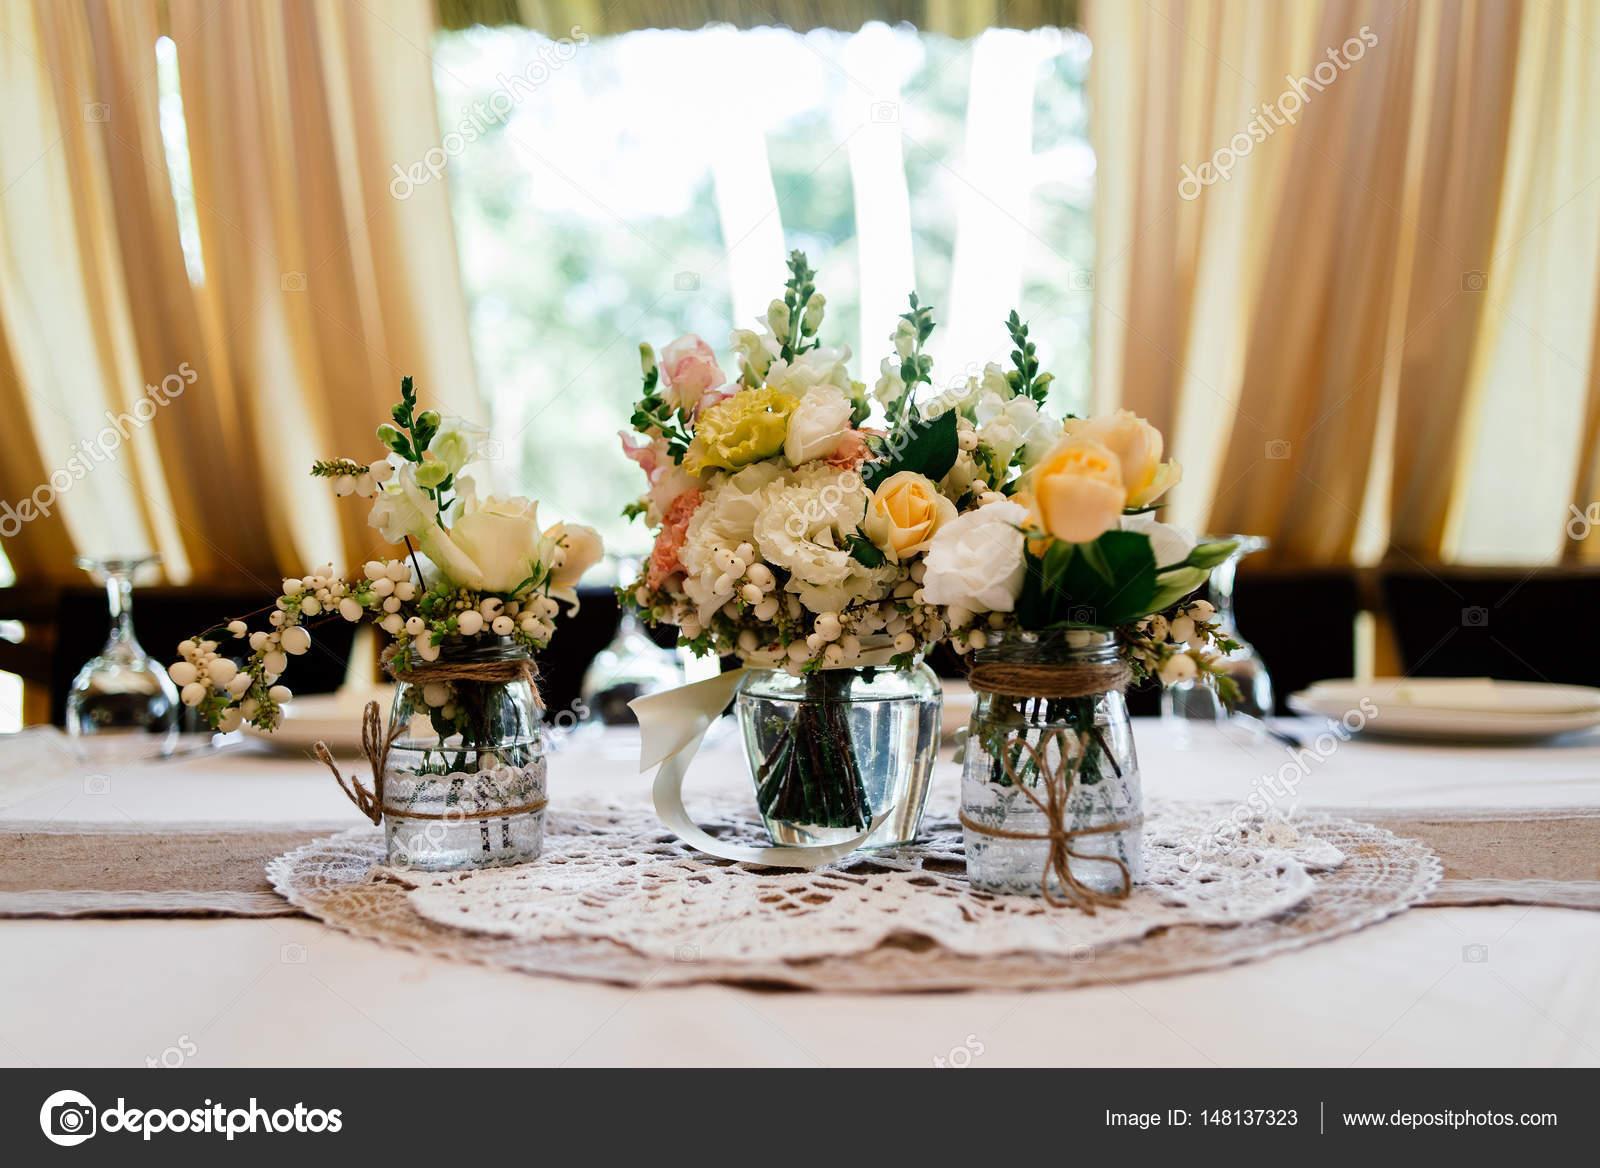 Matrimonio In Giallo E Bianco : Matrimonio bouquet di giallo bianco e rosa rose sono in vasi u2014 foto